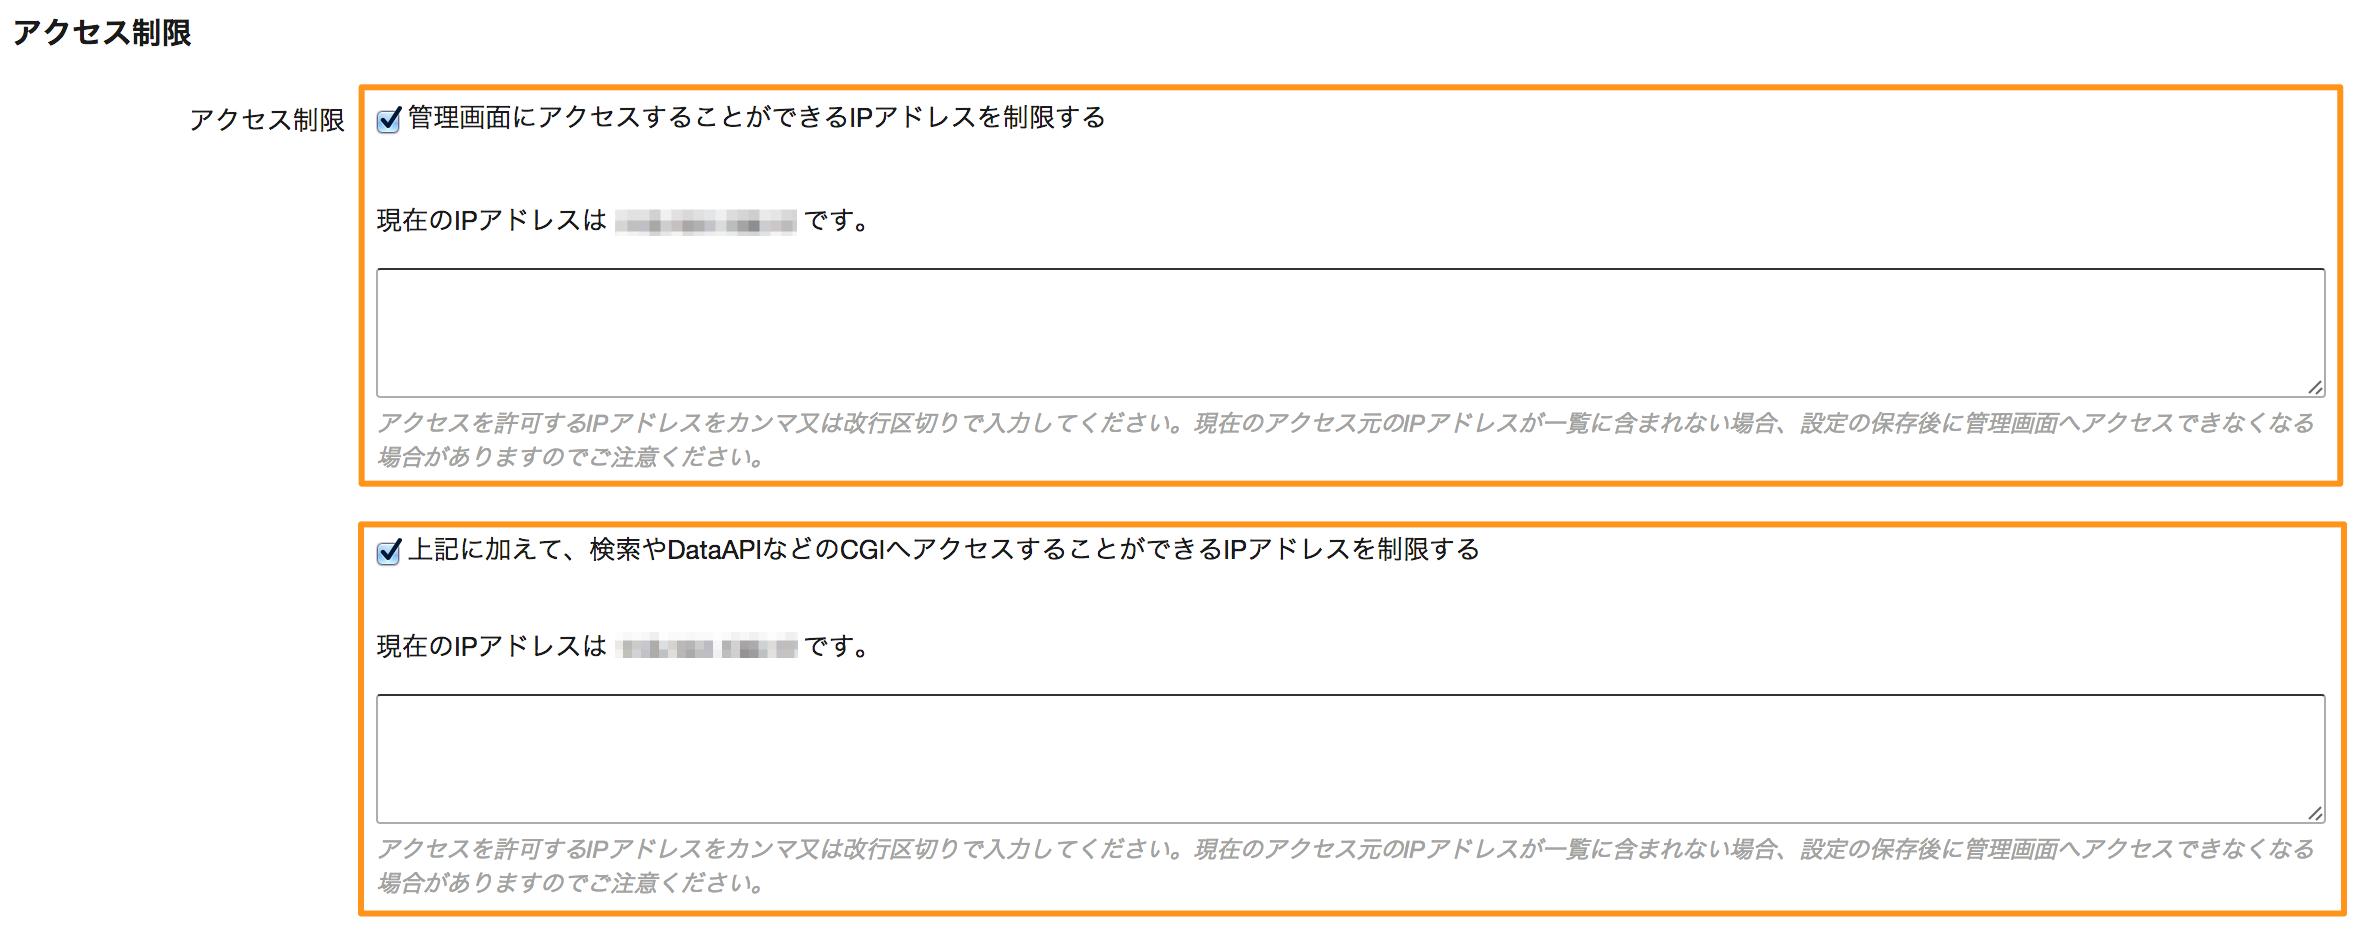 mtez_cloudservice_cms_ip_restrict.png